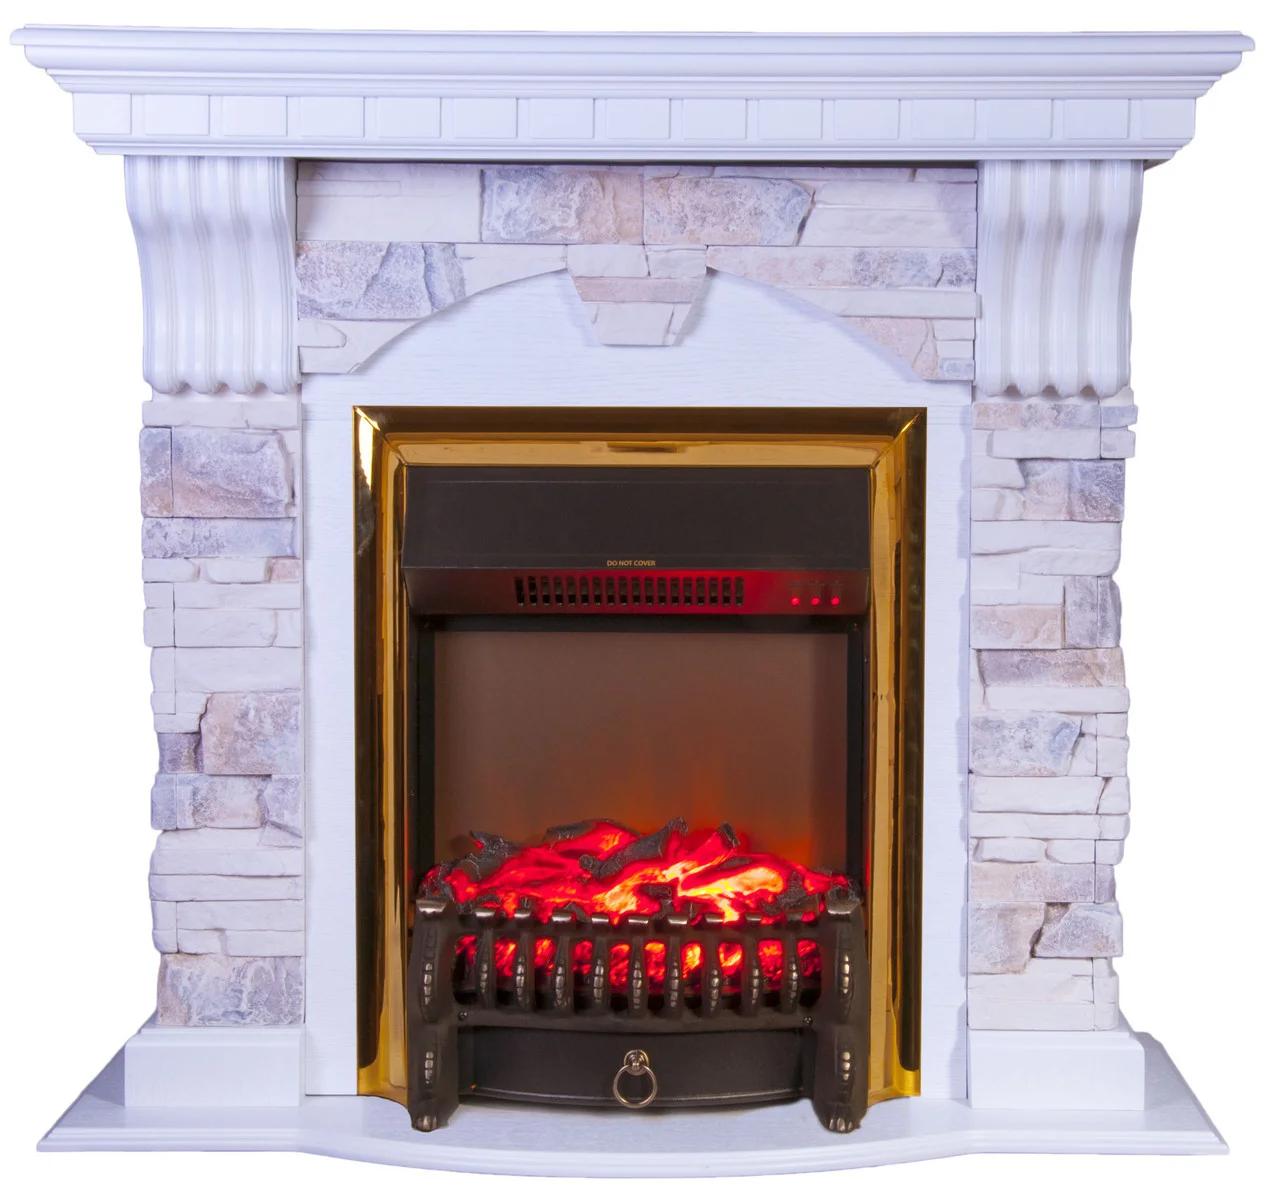 Камінокомплект Fireplace Сінгапур Білий + Сірий 2D технологія полум'я з обігрівом зі звуком